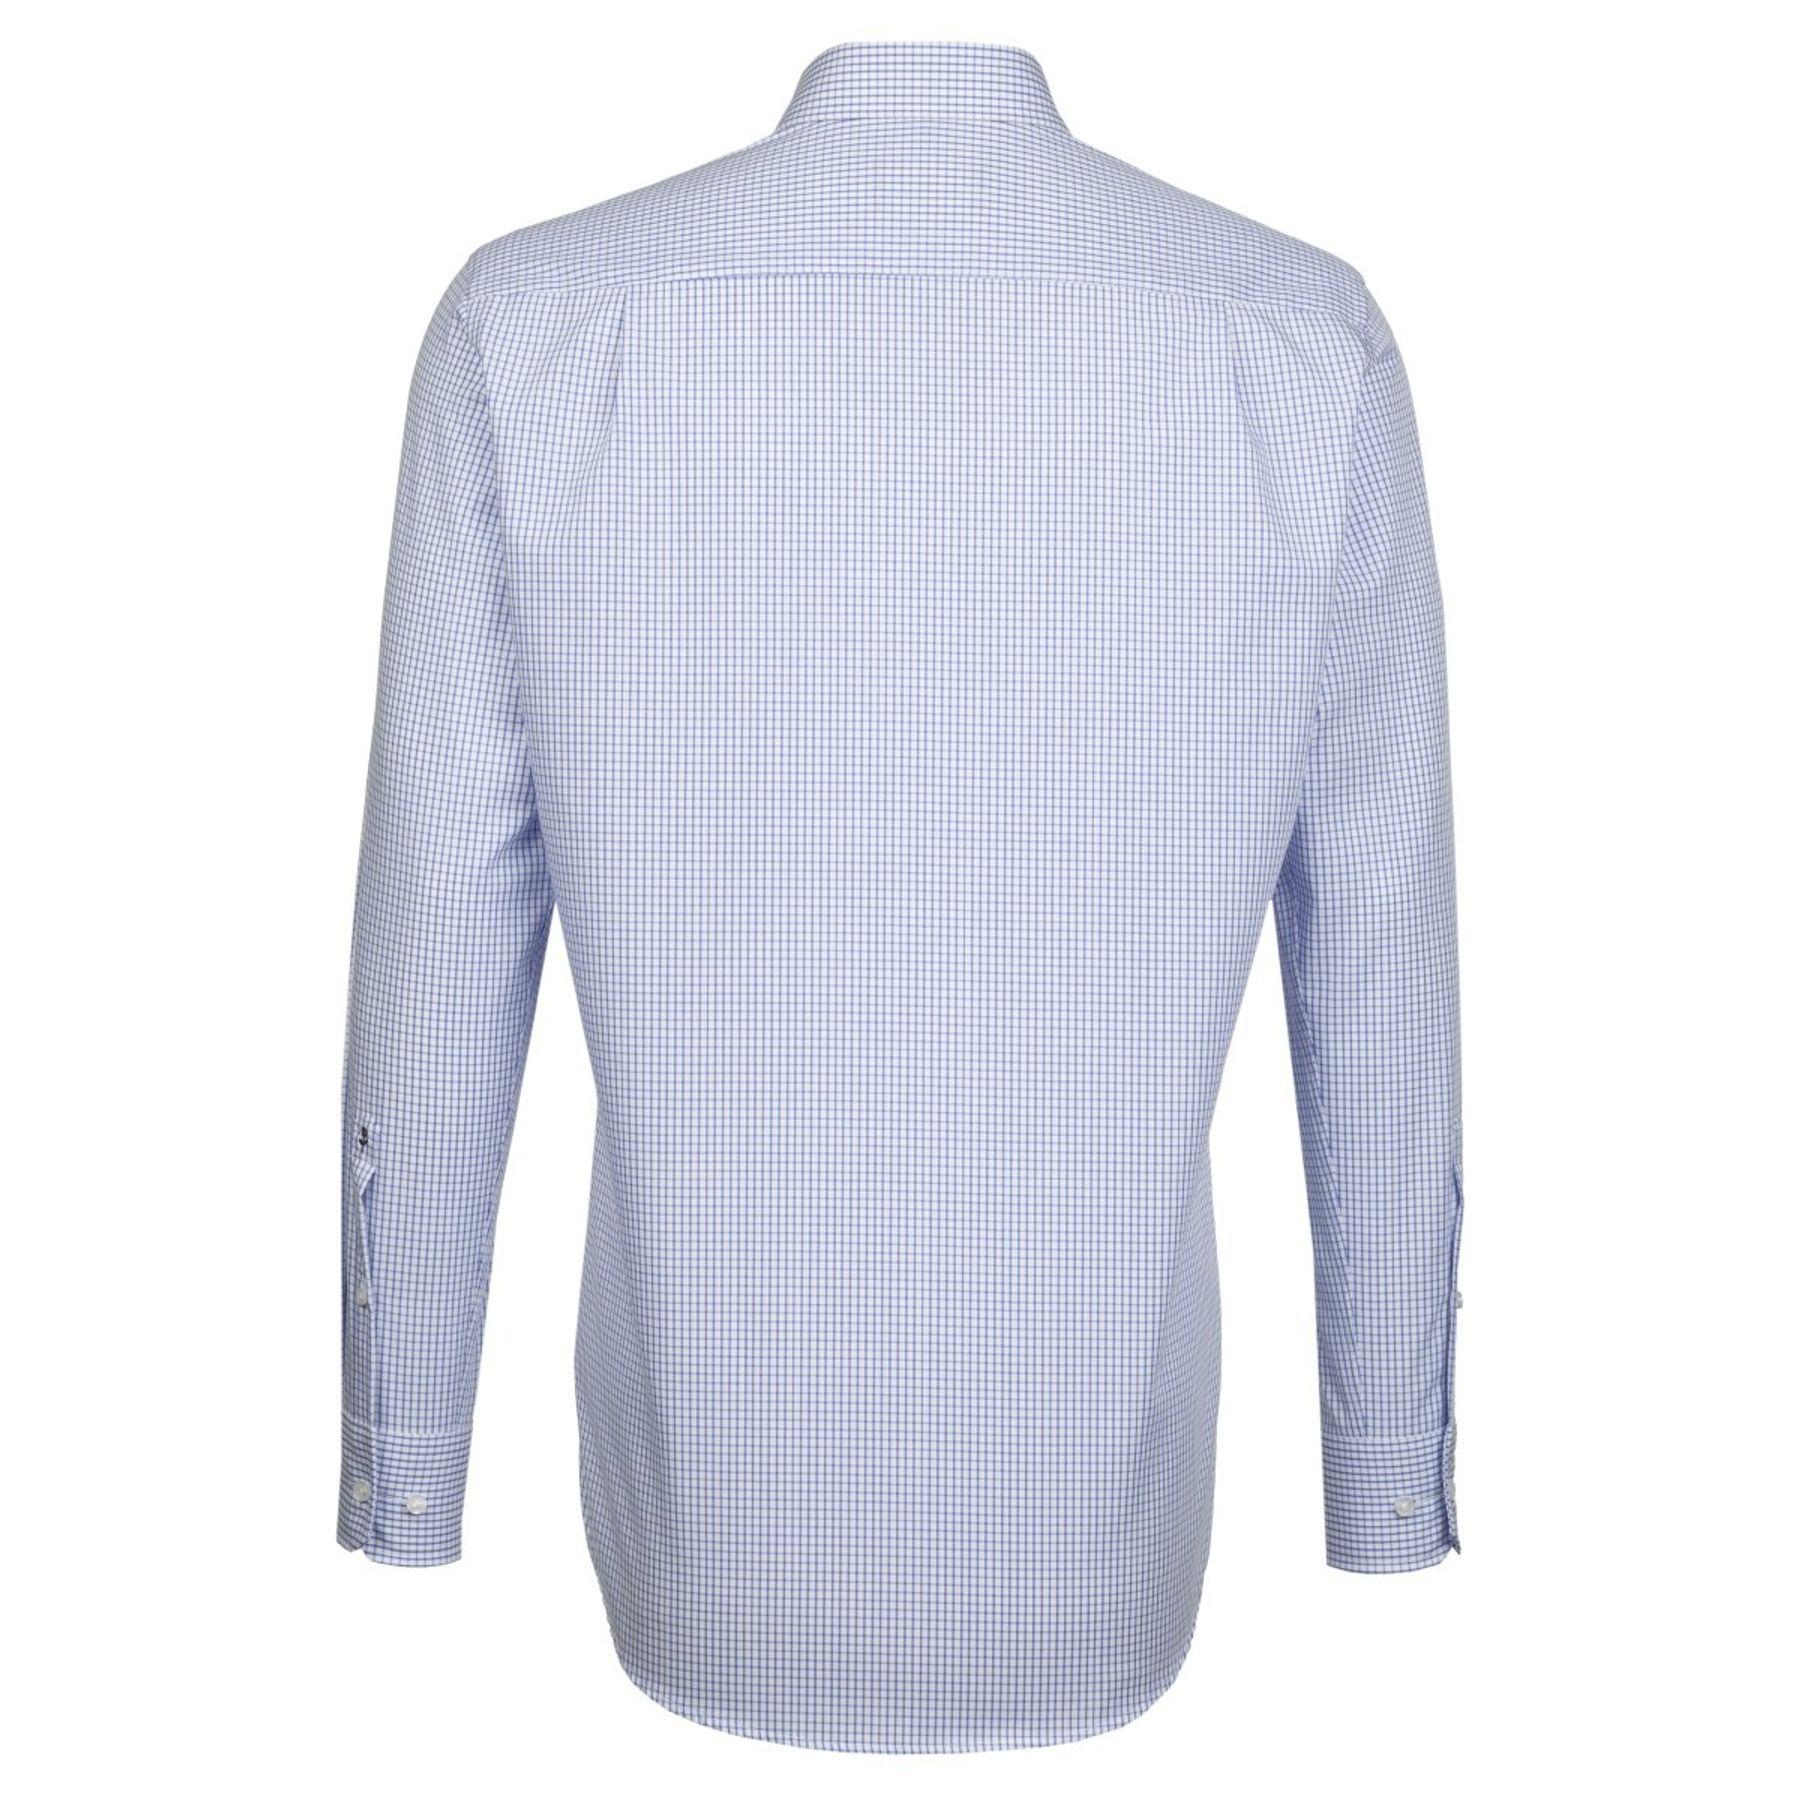 Seidensticker - Herren Hemd, Bügelfrei, Modern, Schwarze Rose mit Kent Kragen in Hellblau mit Streifen oder Karo oder in uni (01.003100) – Bild 10